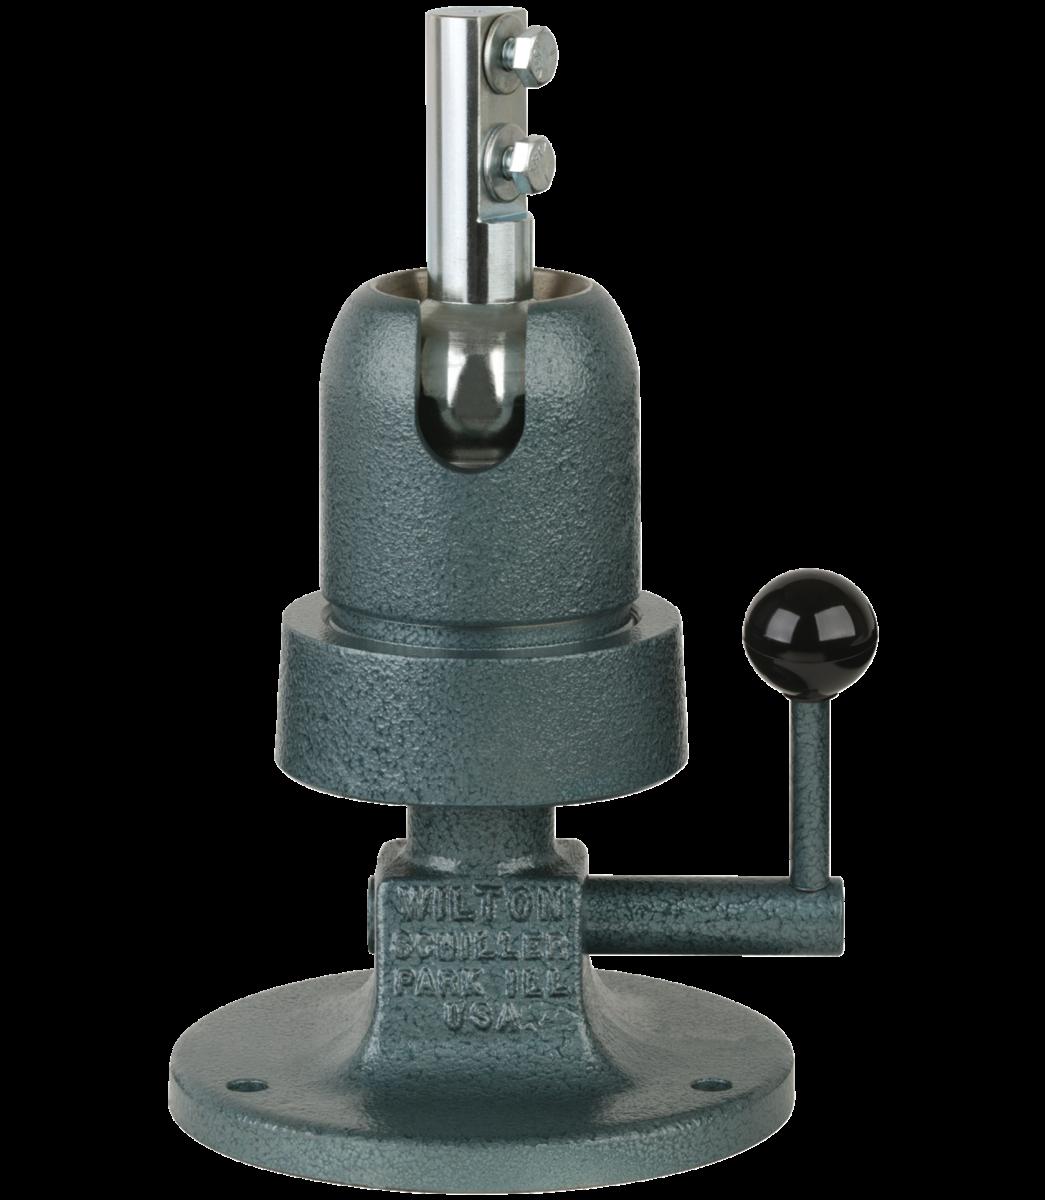 Manual: 301, Mechanical No. 301 Pow-R-Arm